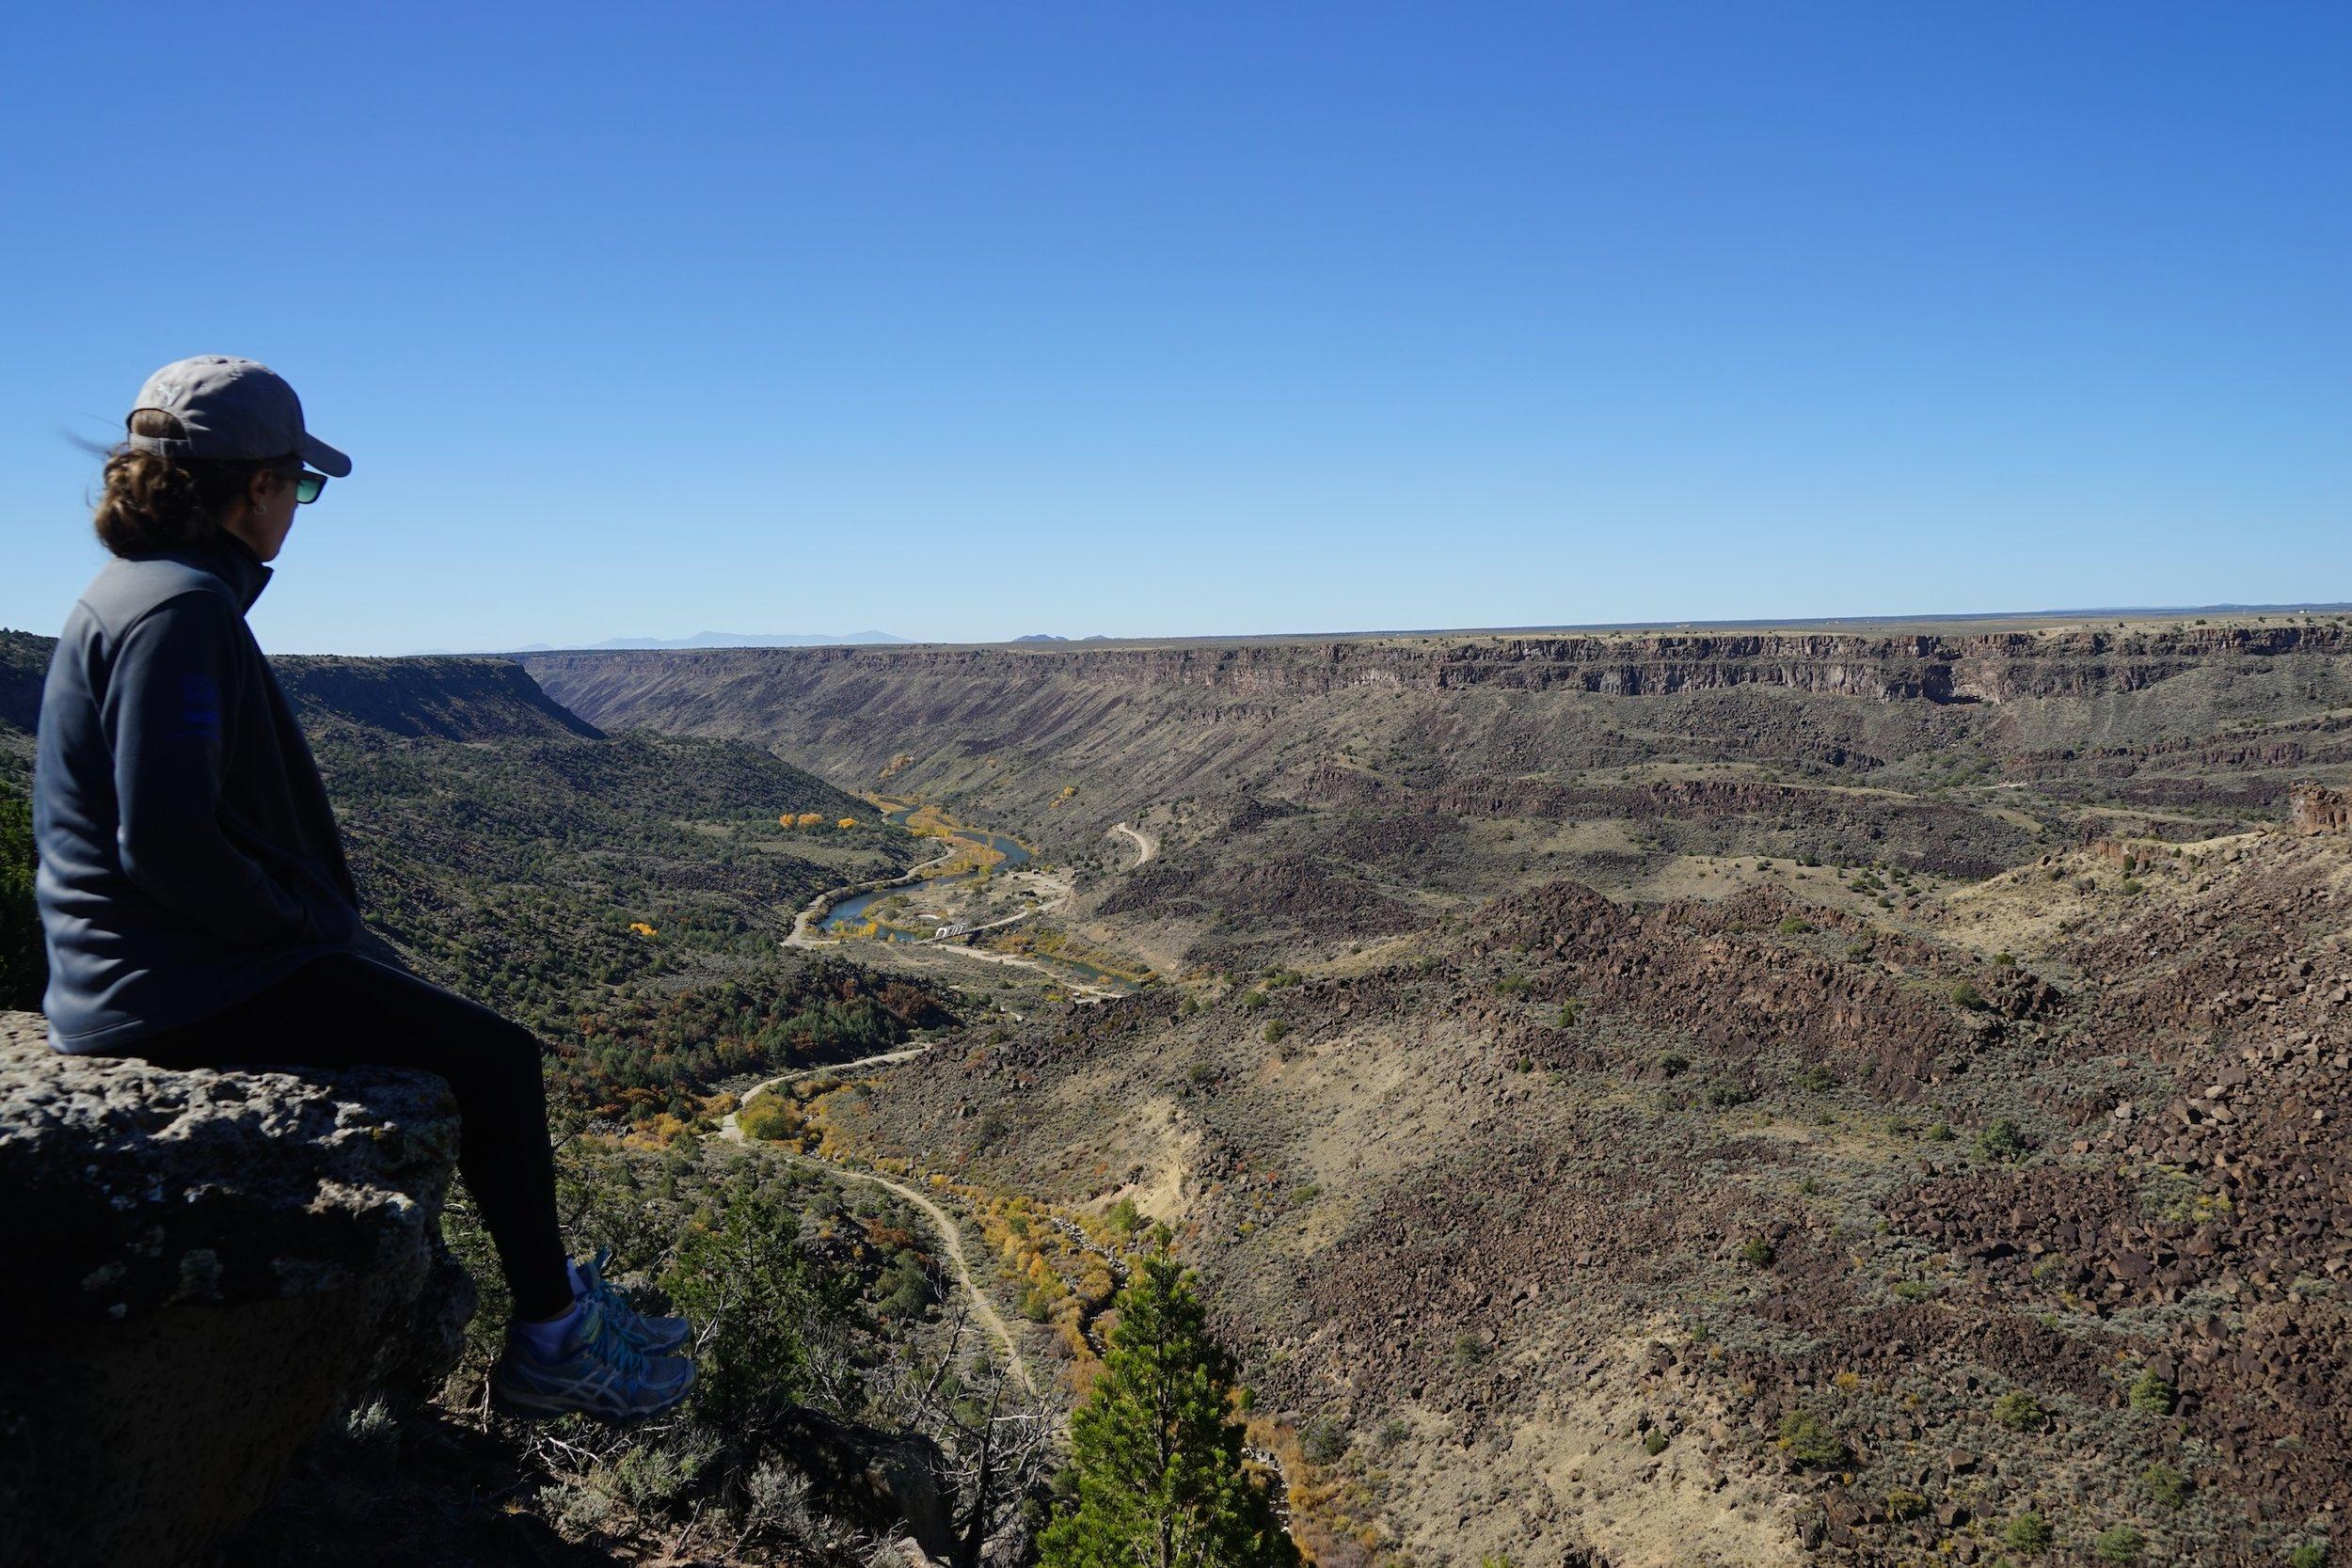 Picuris Trail in Rio Grande del Norte National Monument